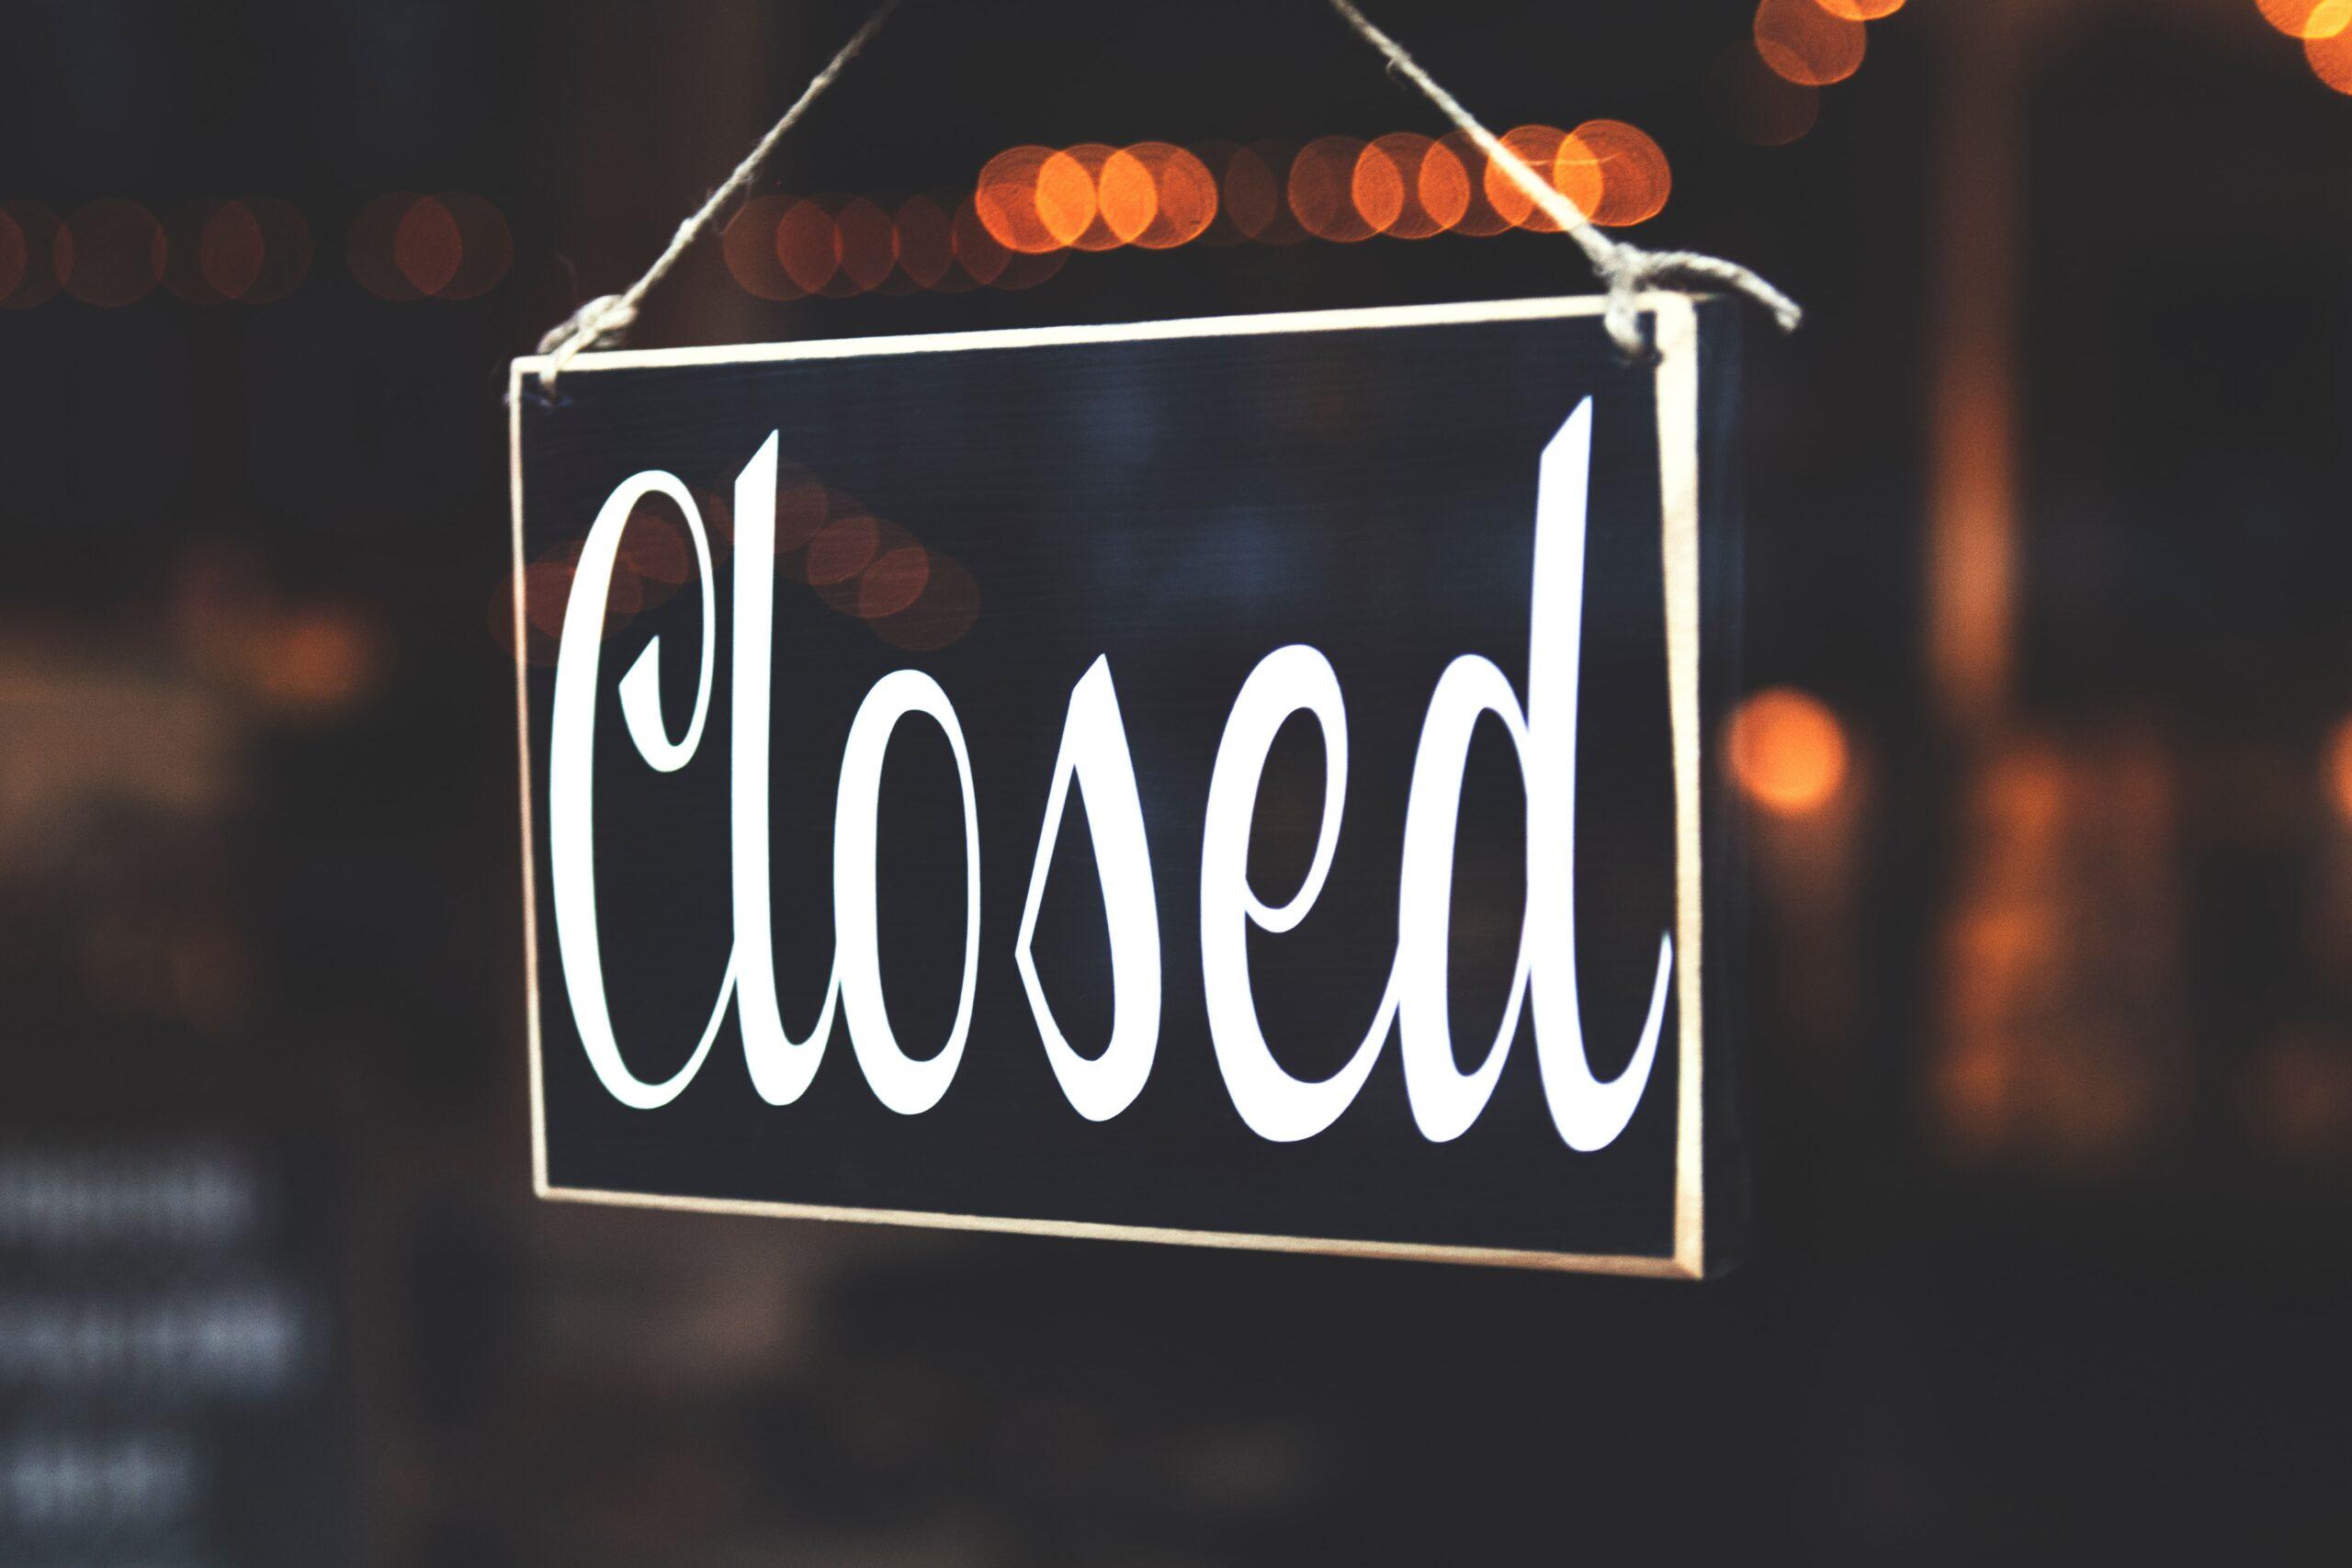 La hostelería de Burgos reclama indemnizaciones por el cierre de locales